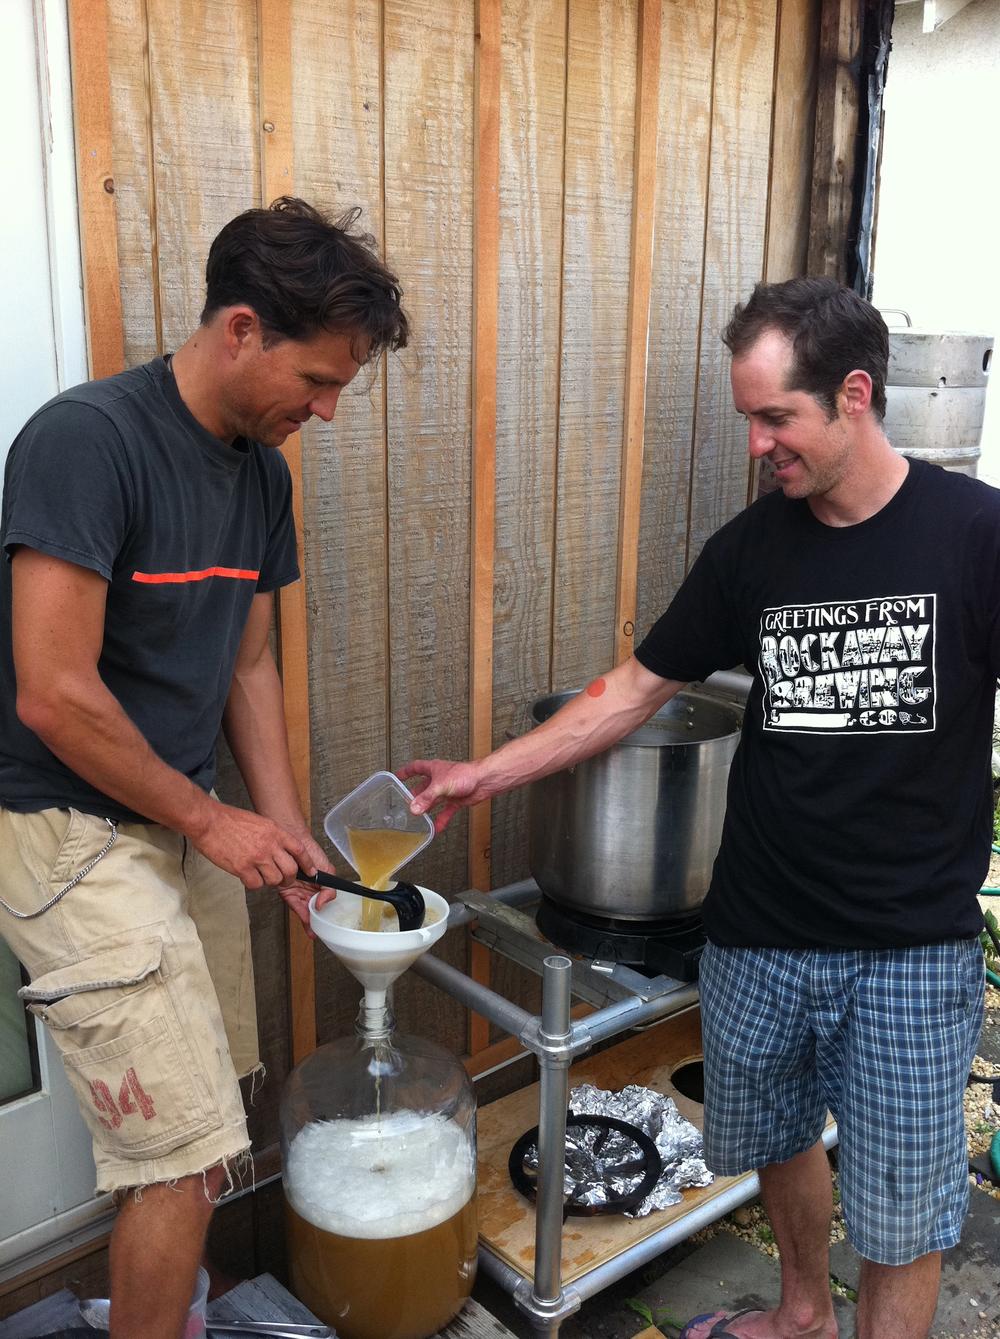 Brewing in our backyards in Rockaway.